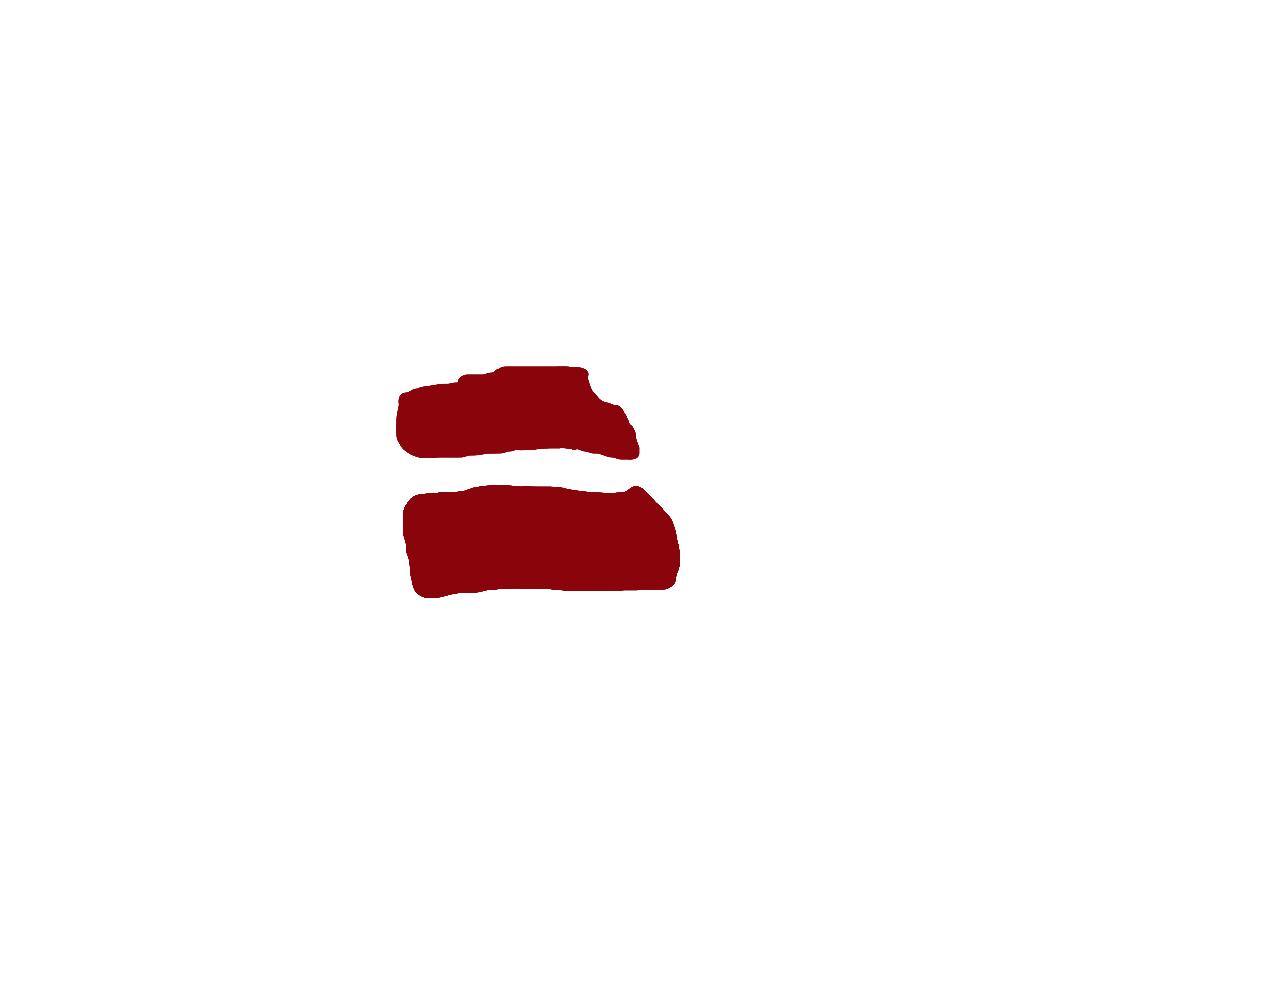 شرکت پارس نقش آویژه